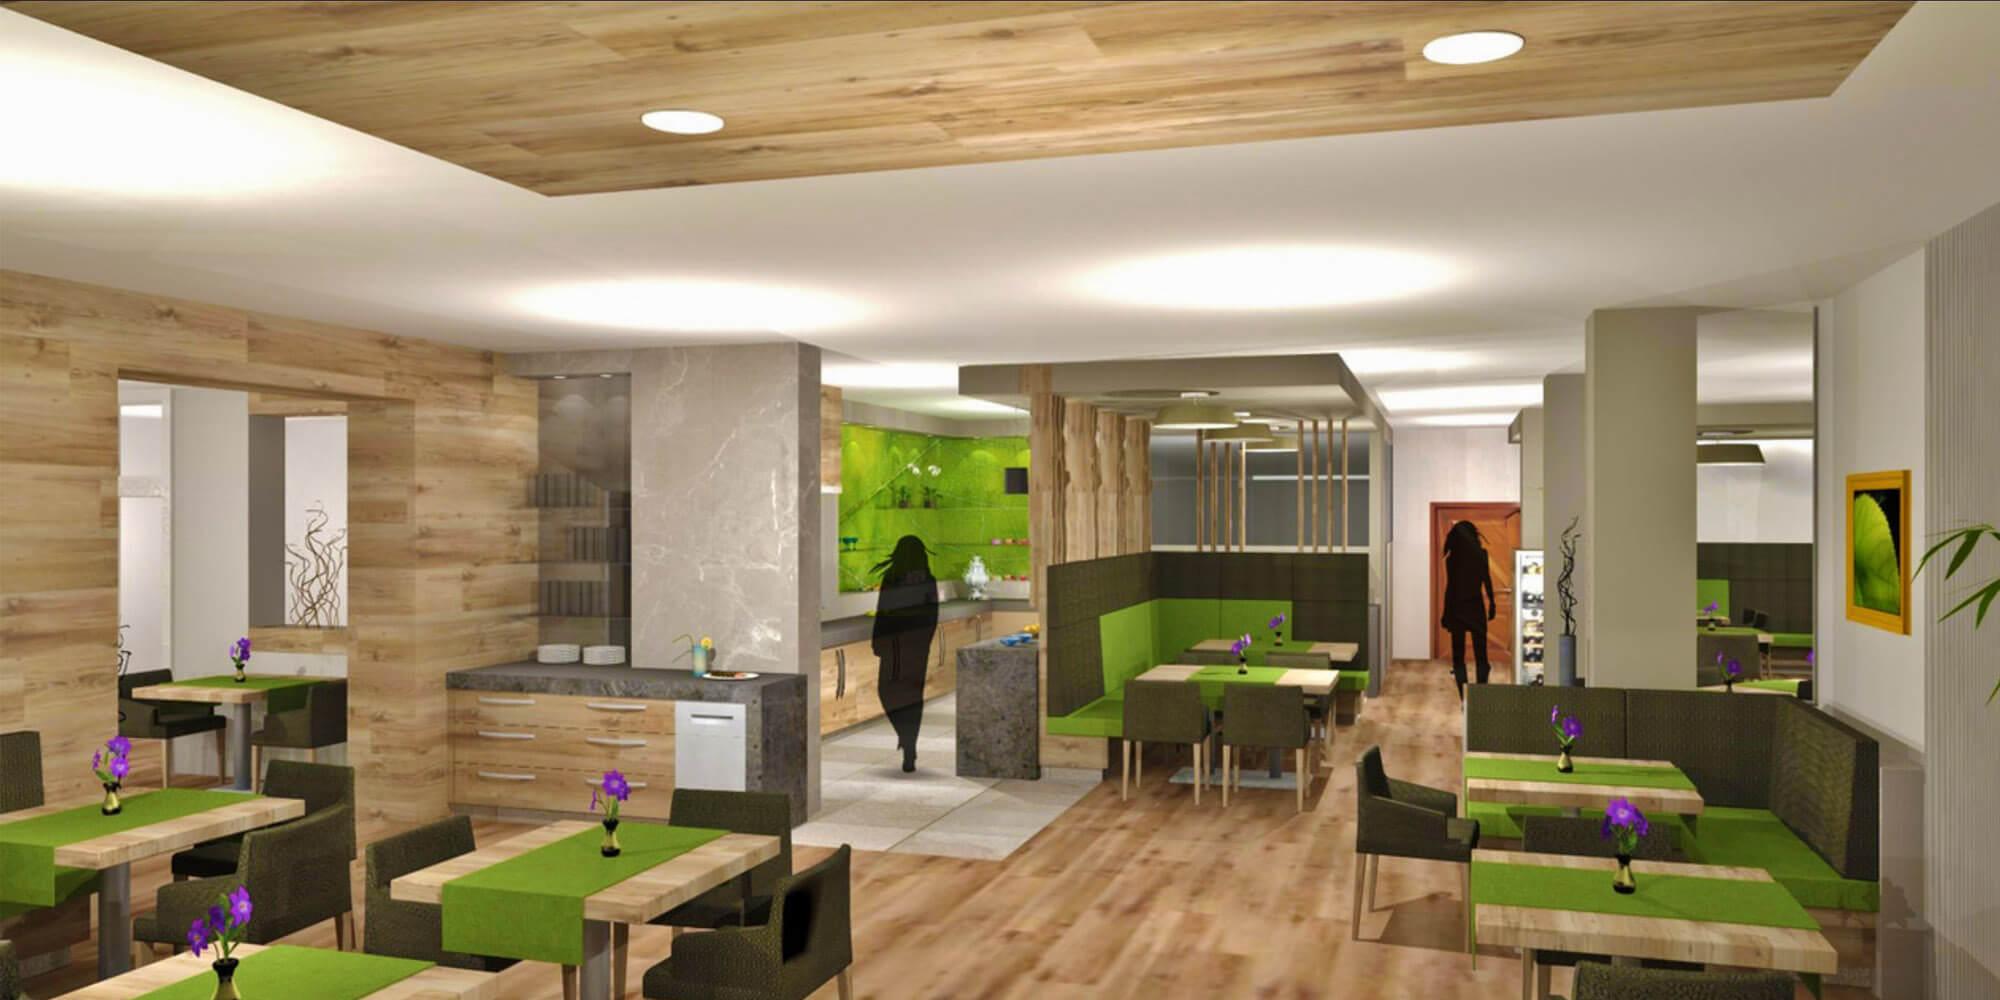 Crea-Plan-Design-Rauch-Frühmann-Architektur-Innenarchitektur-Design-Projekt-Referenz-Hotelerie-Gastronomie-Hotel-Sporthotel-Zaton-Restaurant